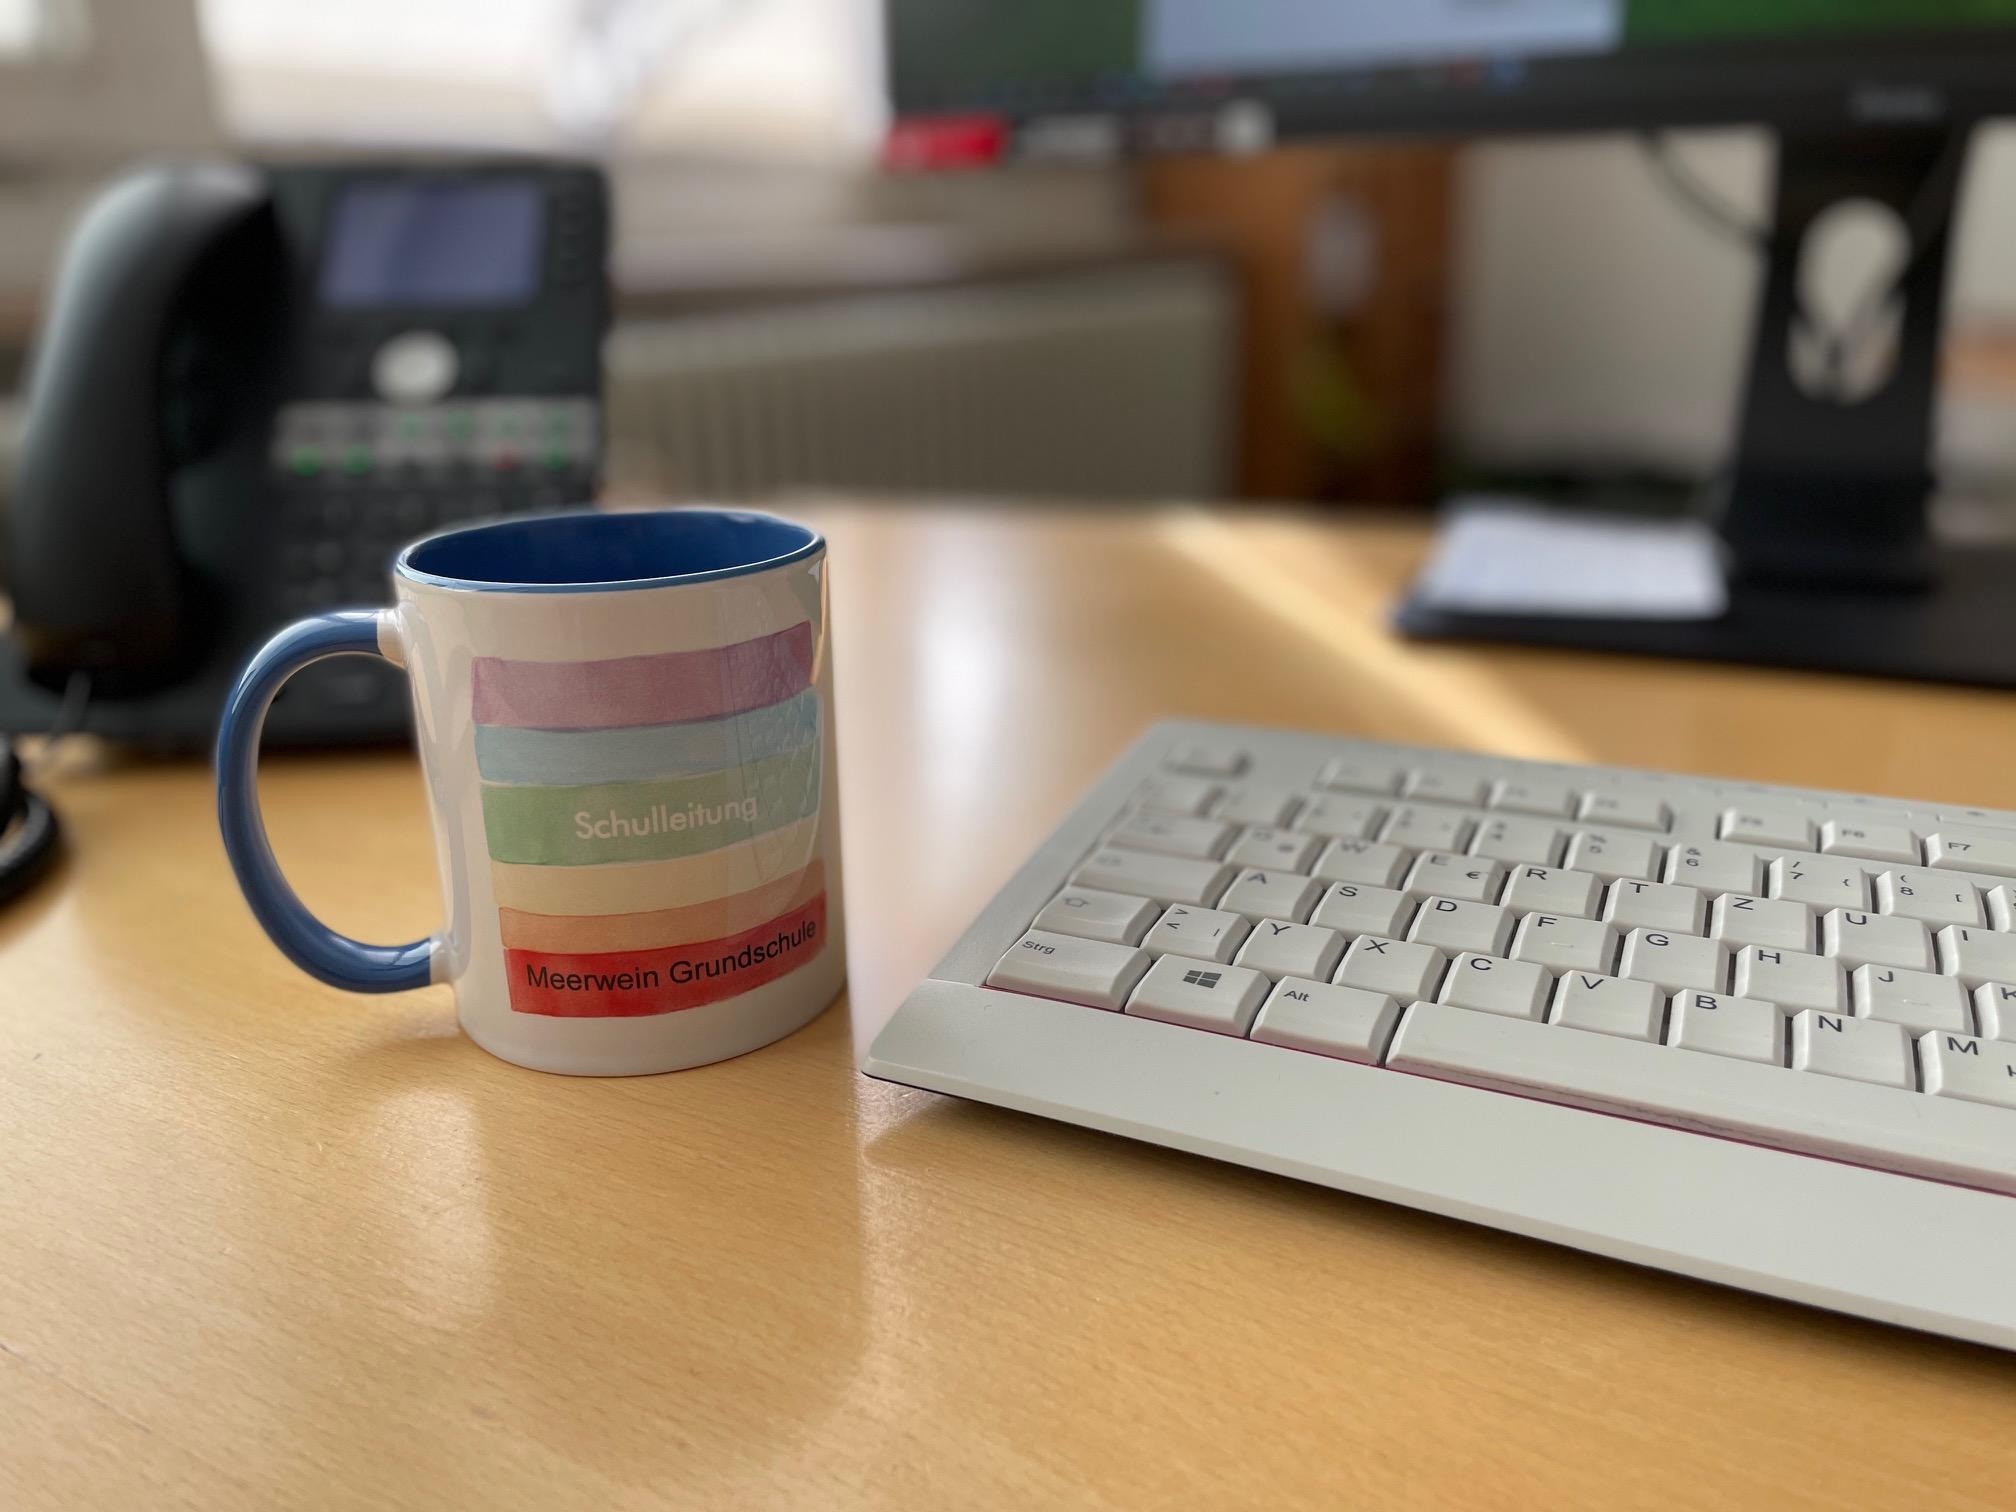 dekoratives Bild einer Tasse mit dem Schriftaufzug